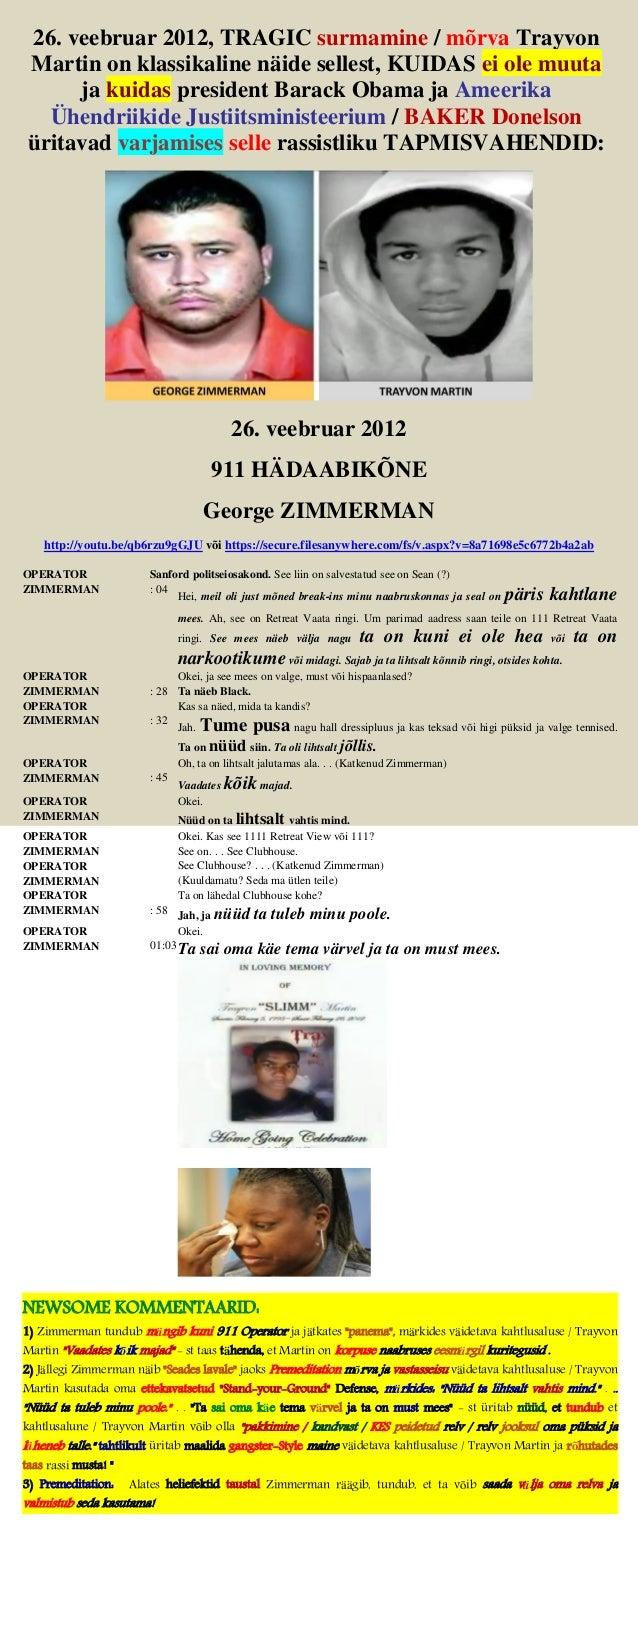 26. veebruar 2012, TRAGIC surmamine / mõrva Trayvon Martin on klassikaline näide sellest, KUIDAS ei ole muuta ja kuidas pr...